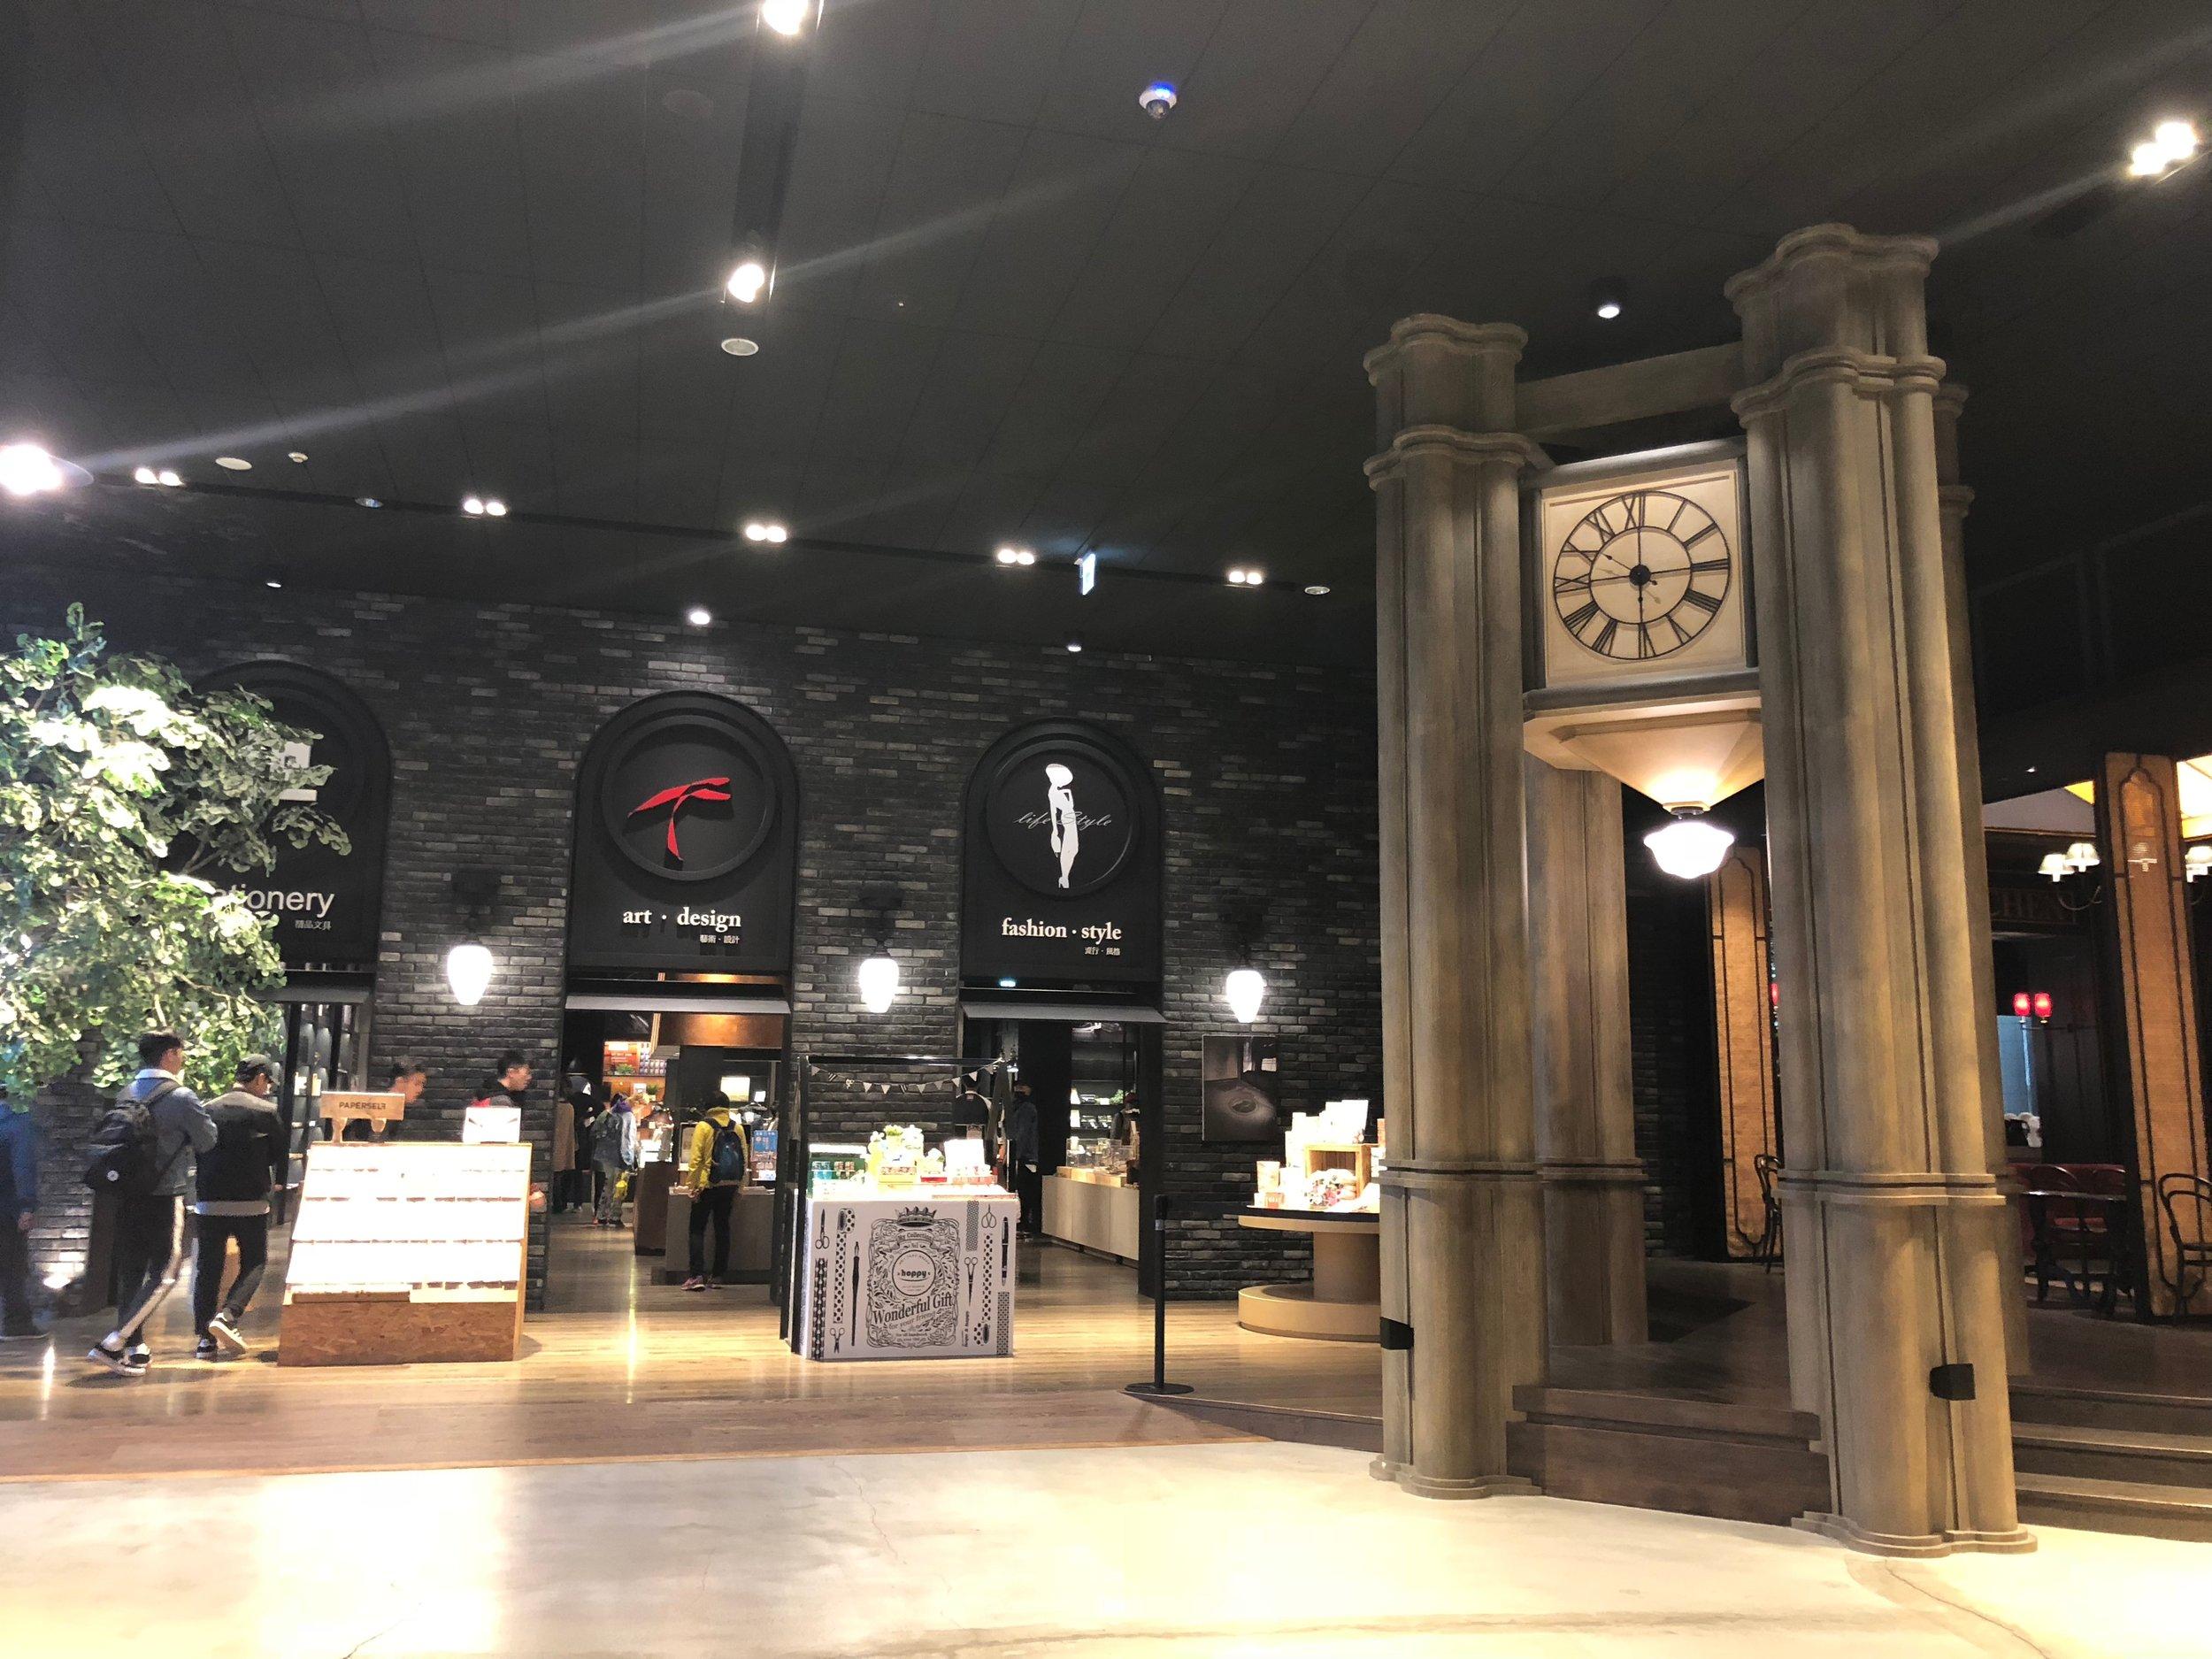 heelsonthego 高雄台湾旅游景点行程推荐 MLD